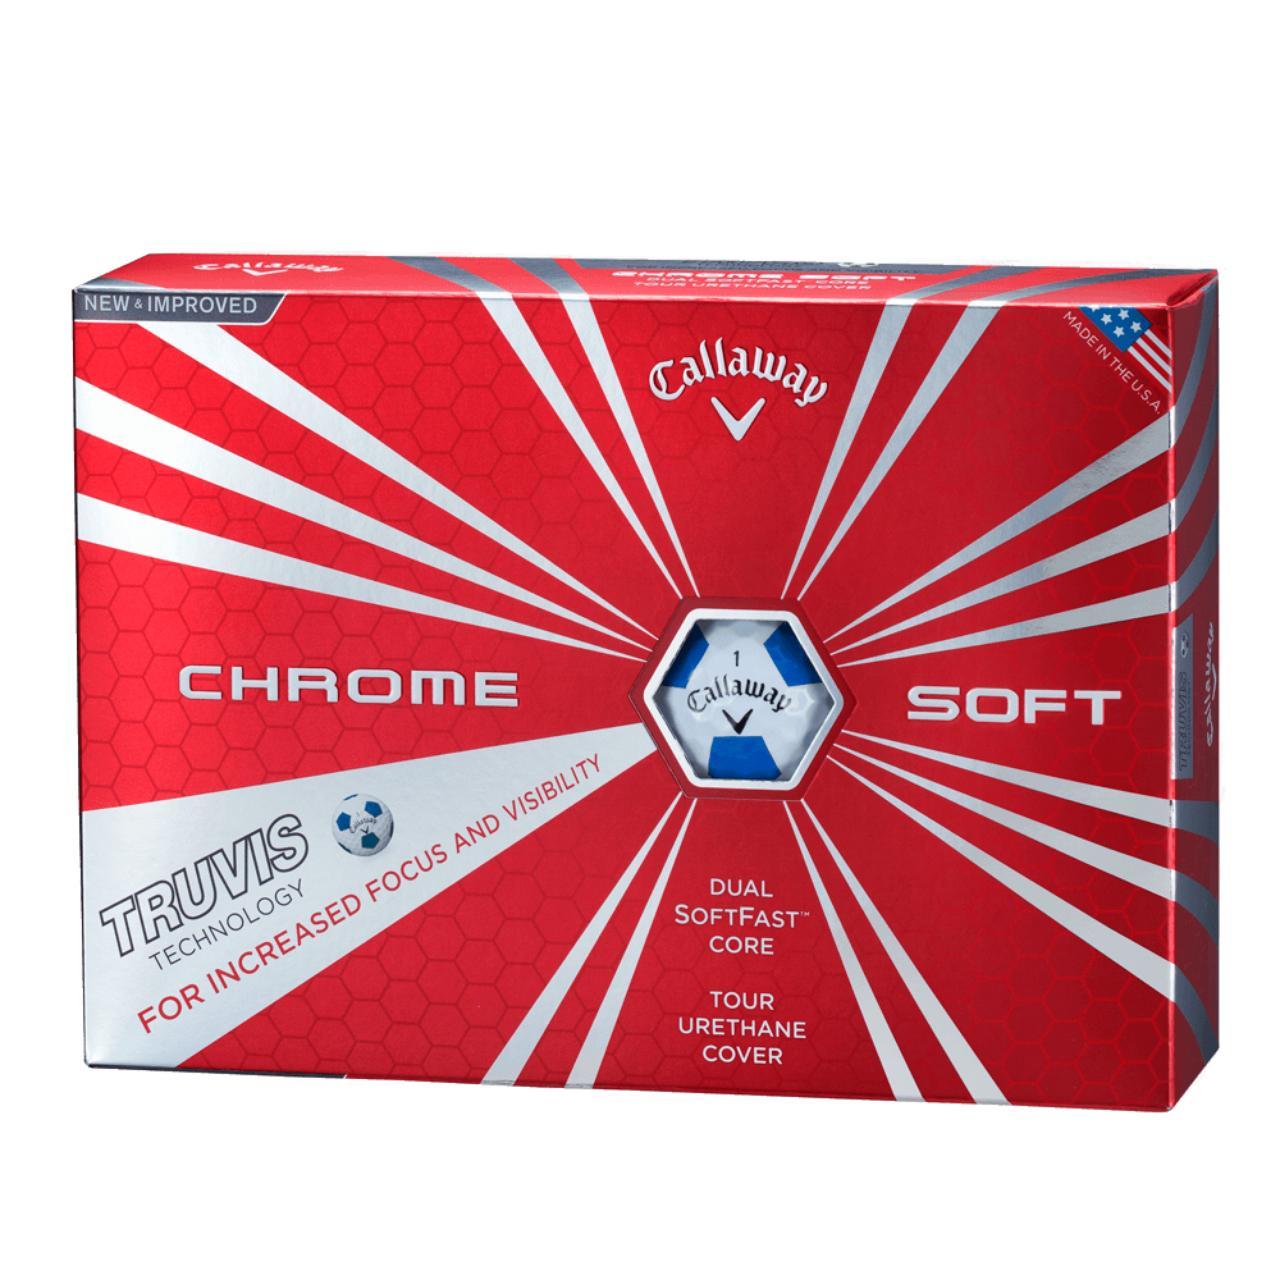 画像: CHROME SOFT TRUVIS ボール 製品情報   キャロウェイゴルフ Callaway Golf 公式サイト